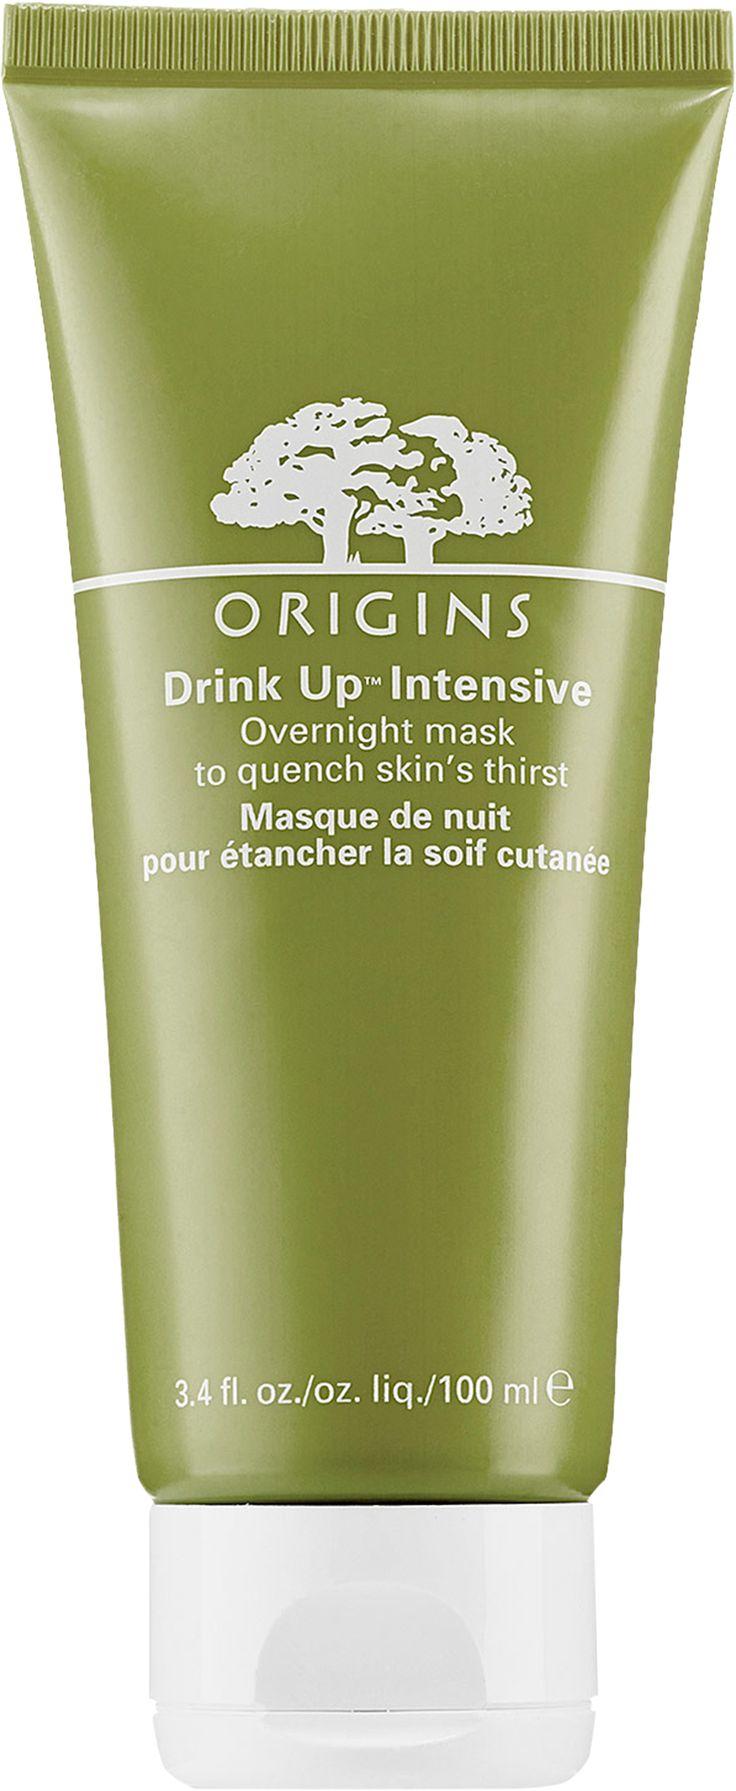 Drink Up Intensive Overnight Mask 100 ml. fra Origins – Køb online på Magasin.dk - 199 kr